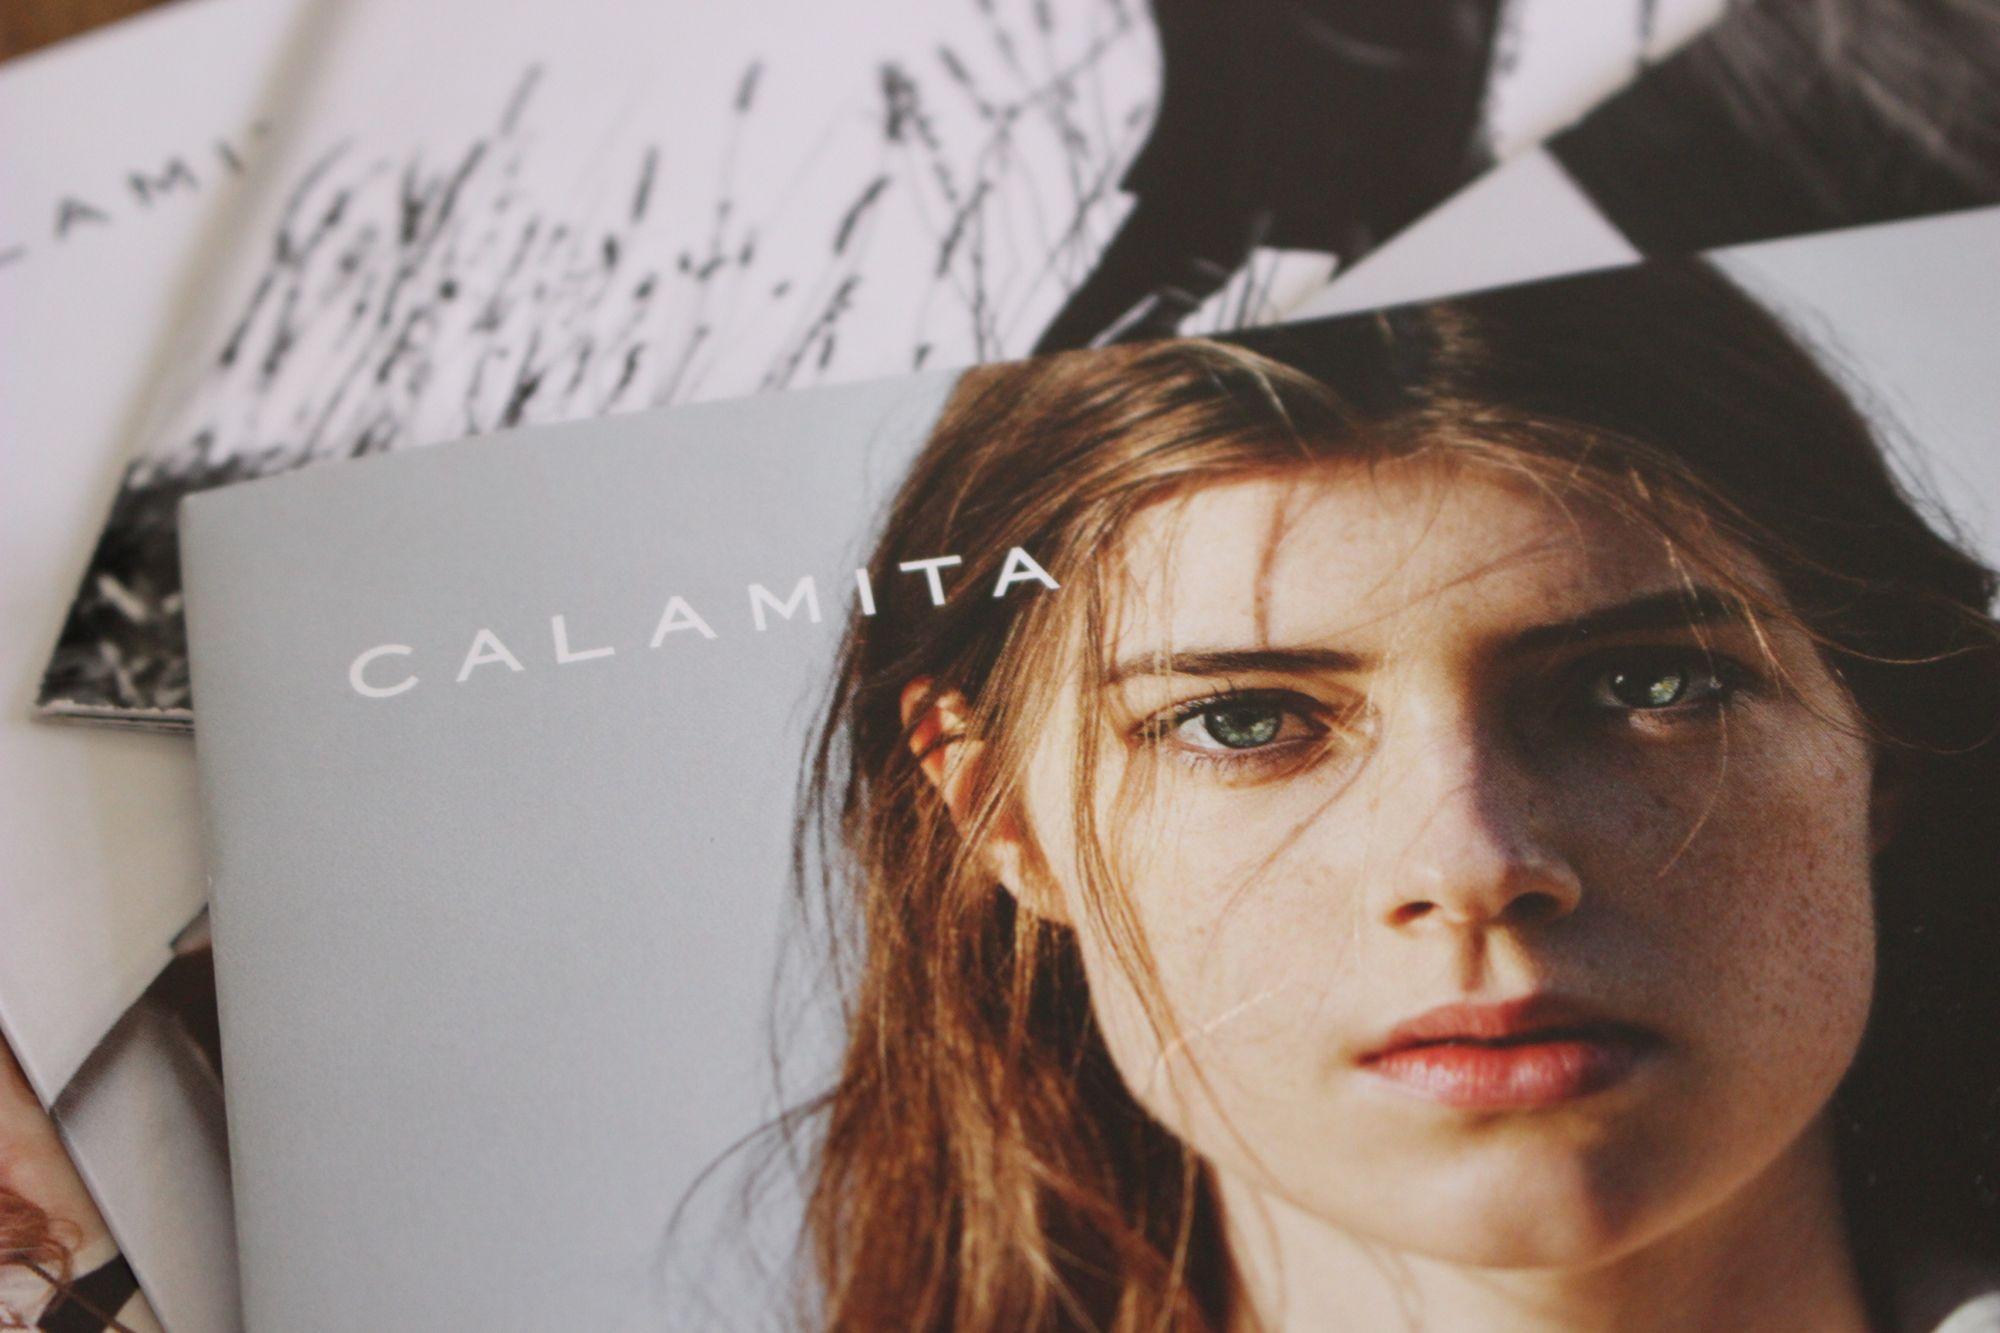 Sommermailing 2016 für Calamita